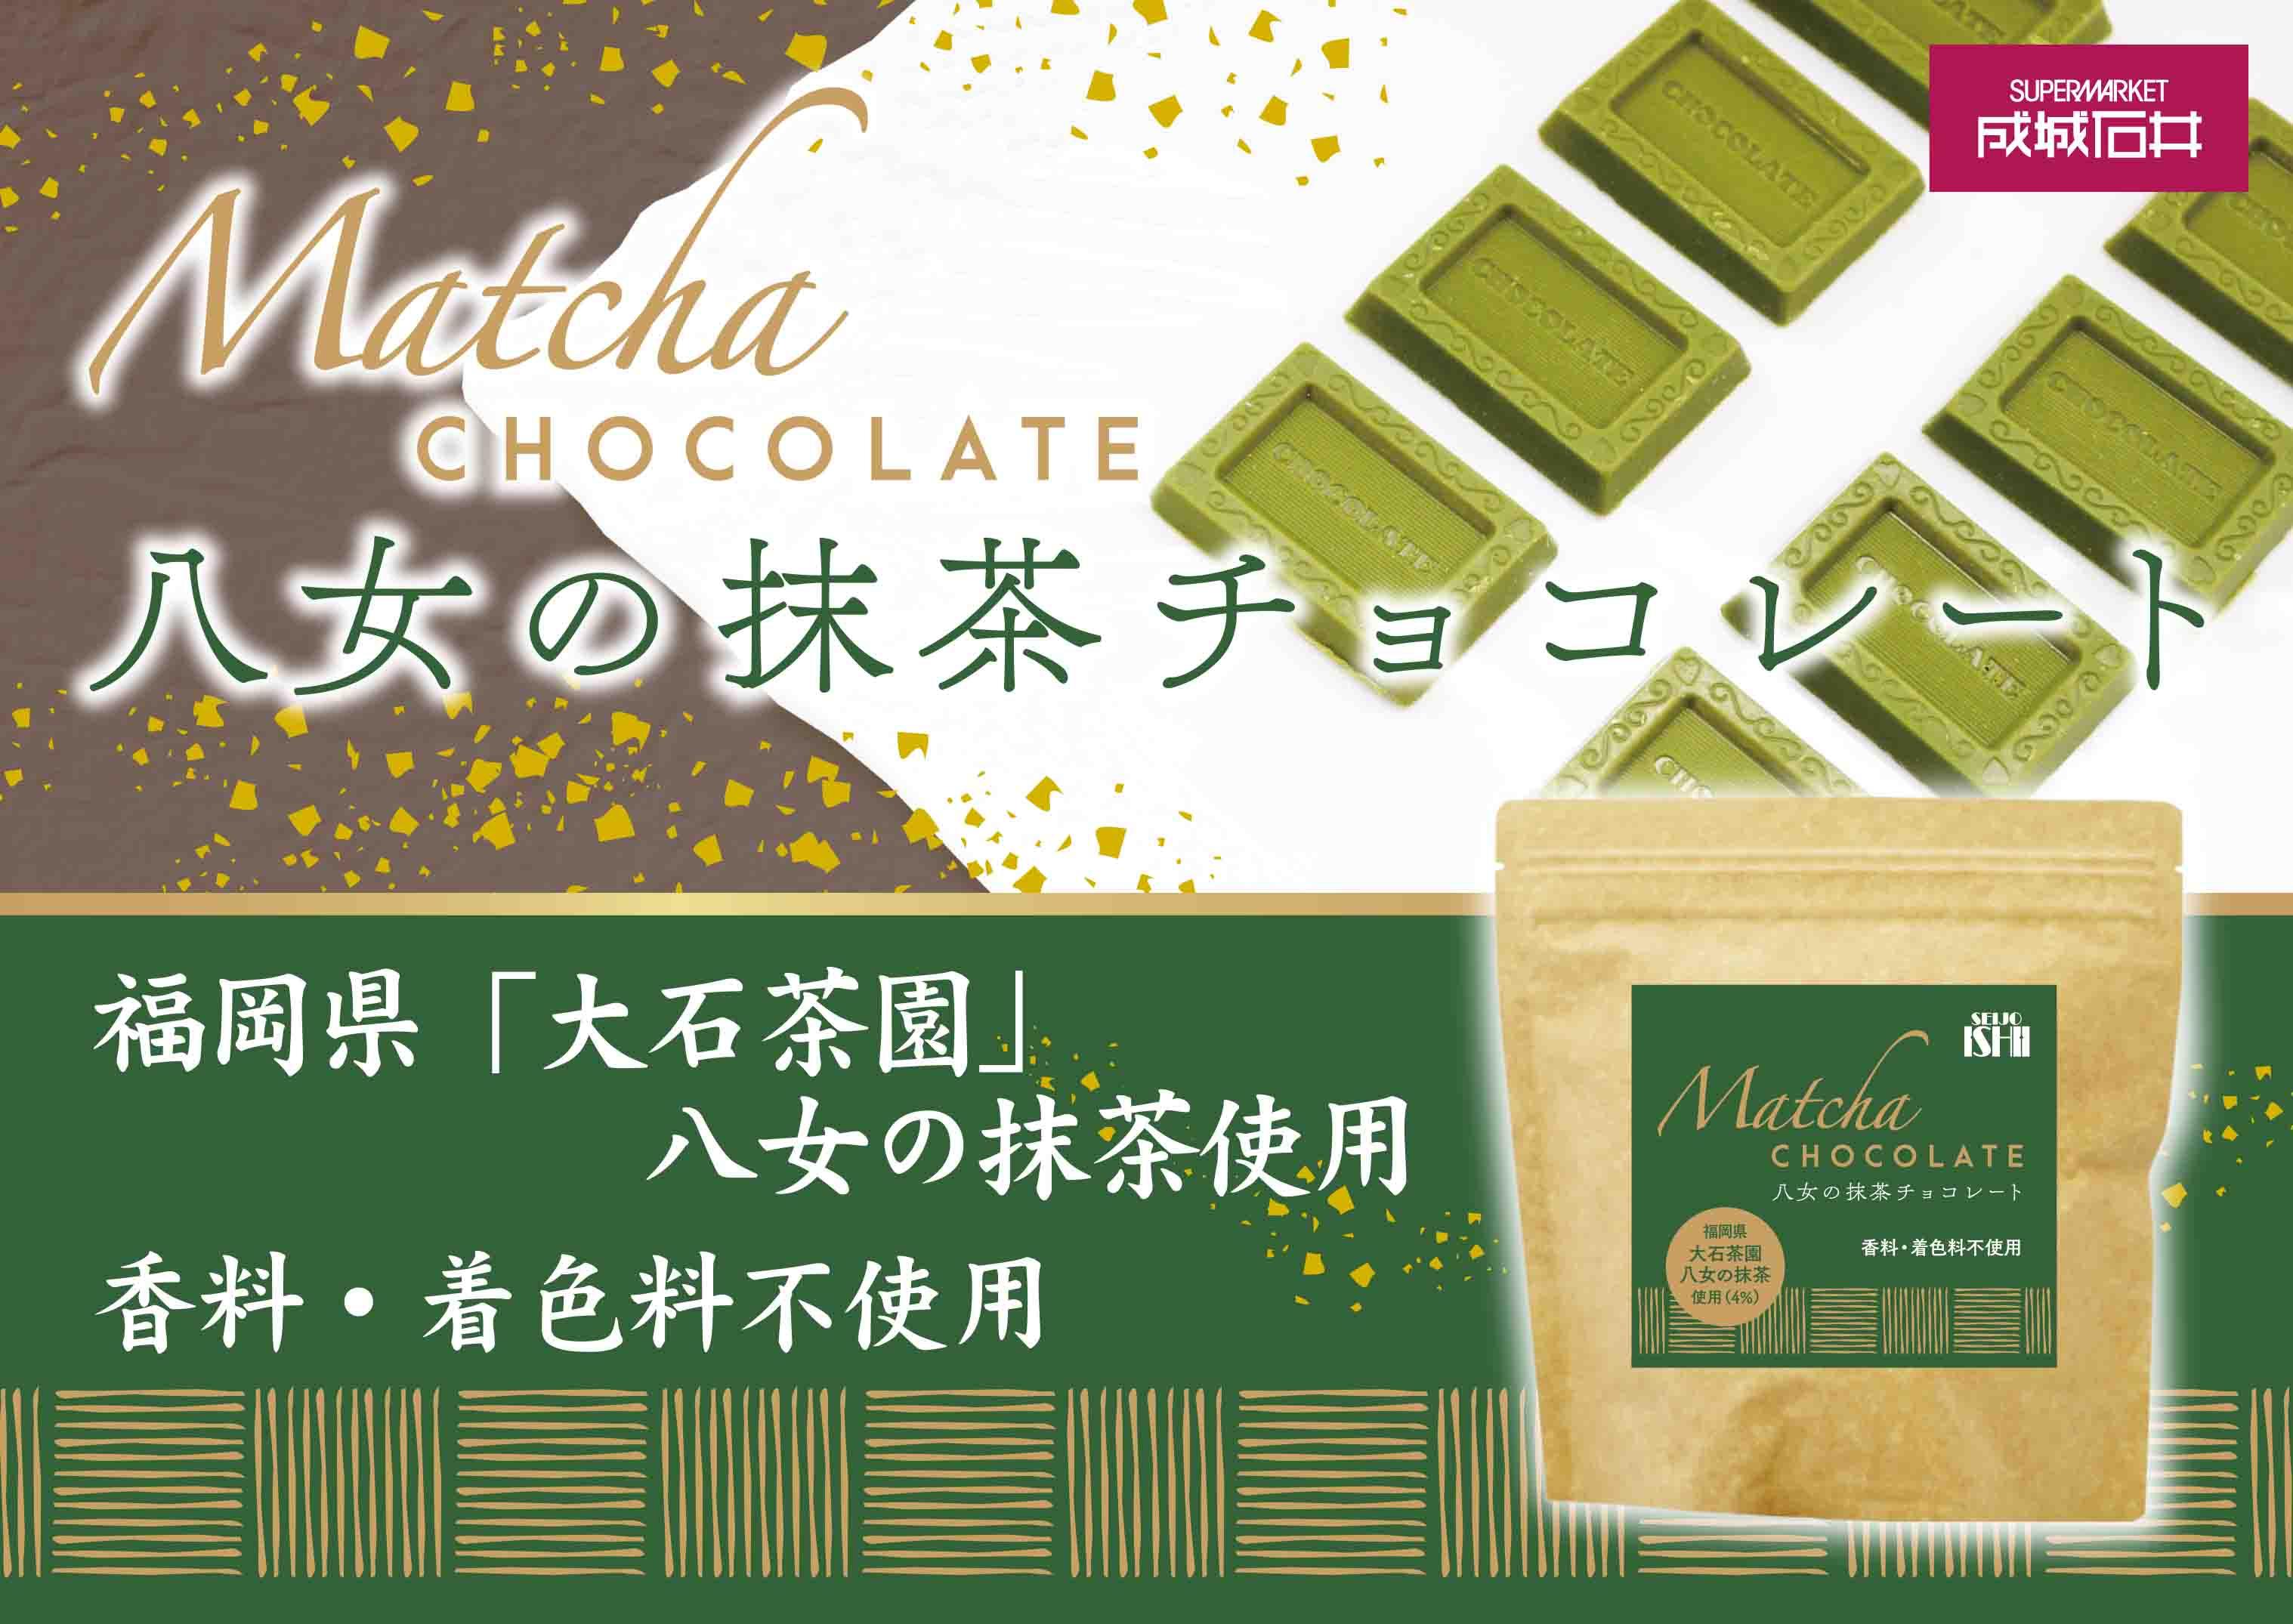 成城石井 八女の抹茶チョコレート